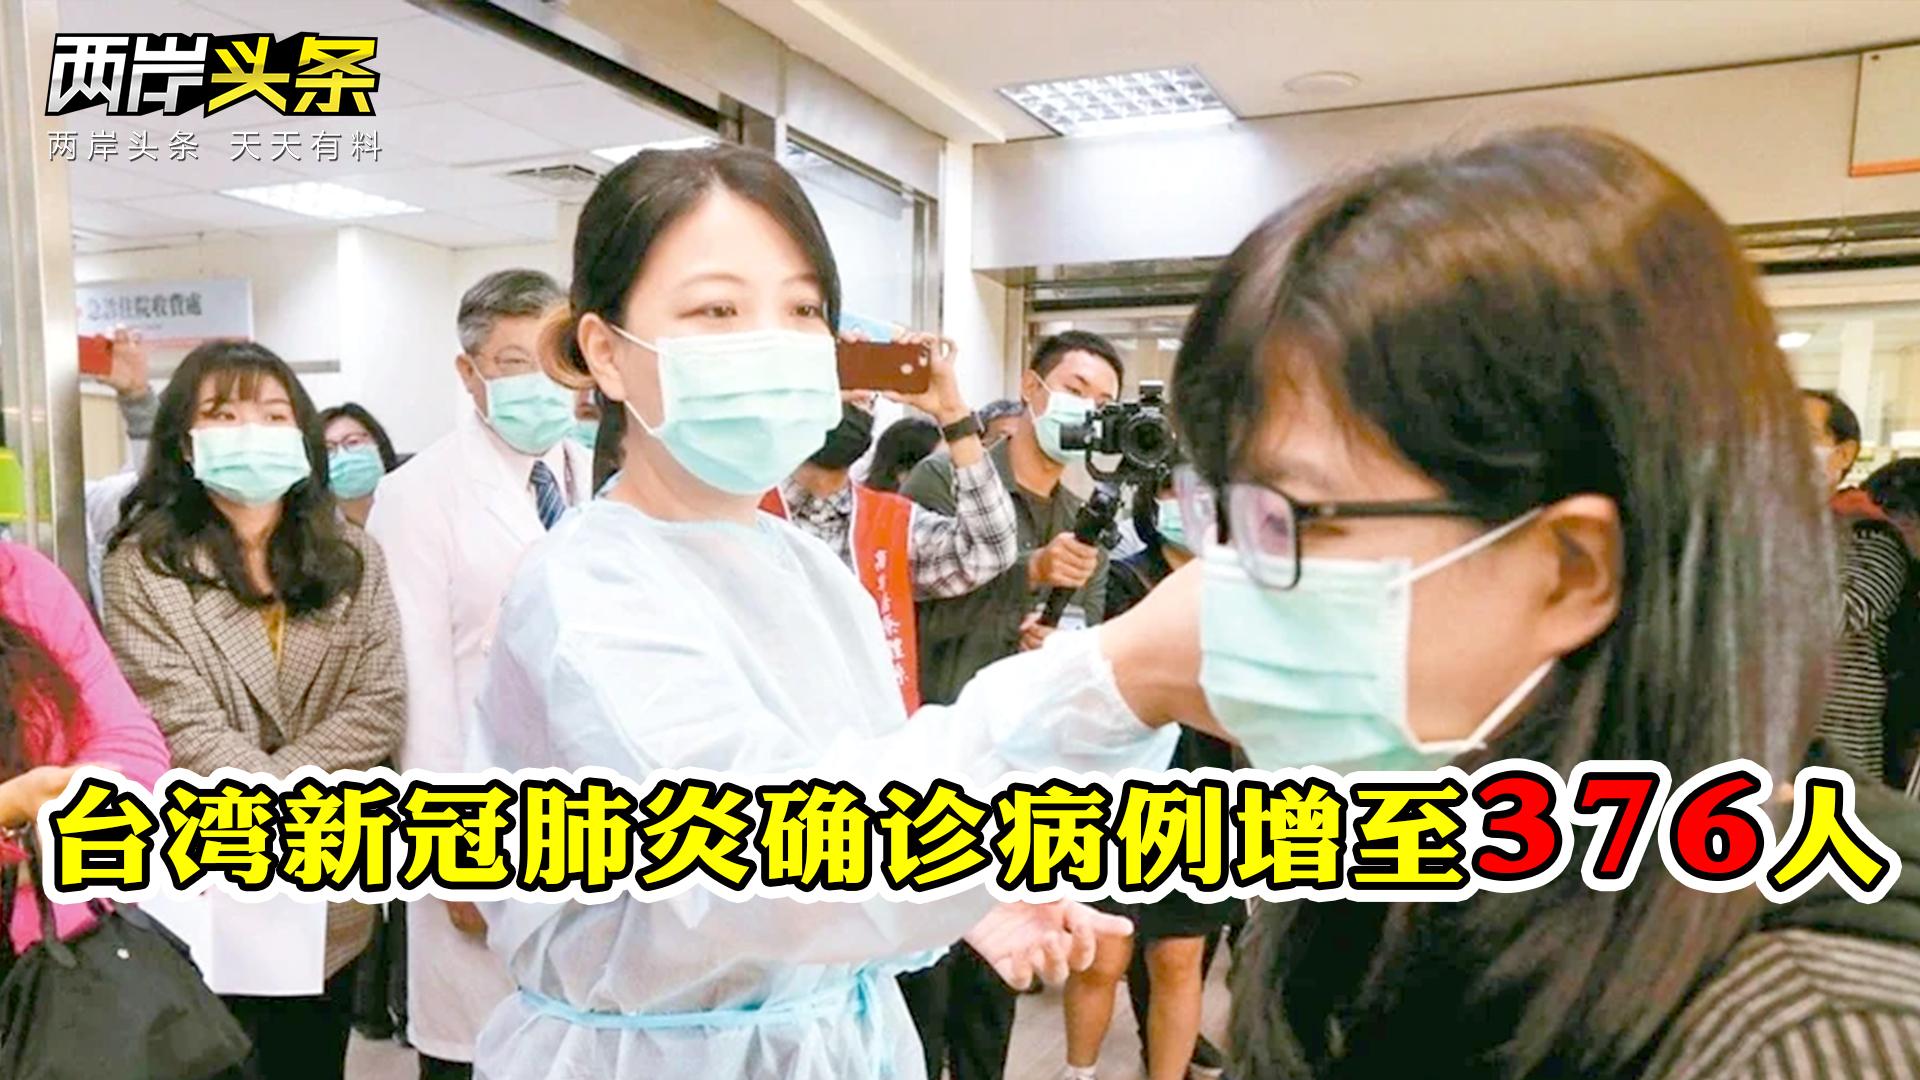 台湾新增3例新冠肺炎确诊病例 累计376例